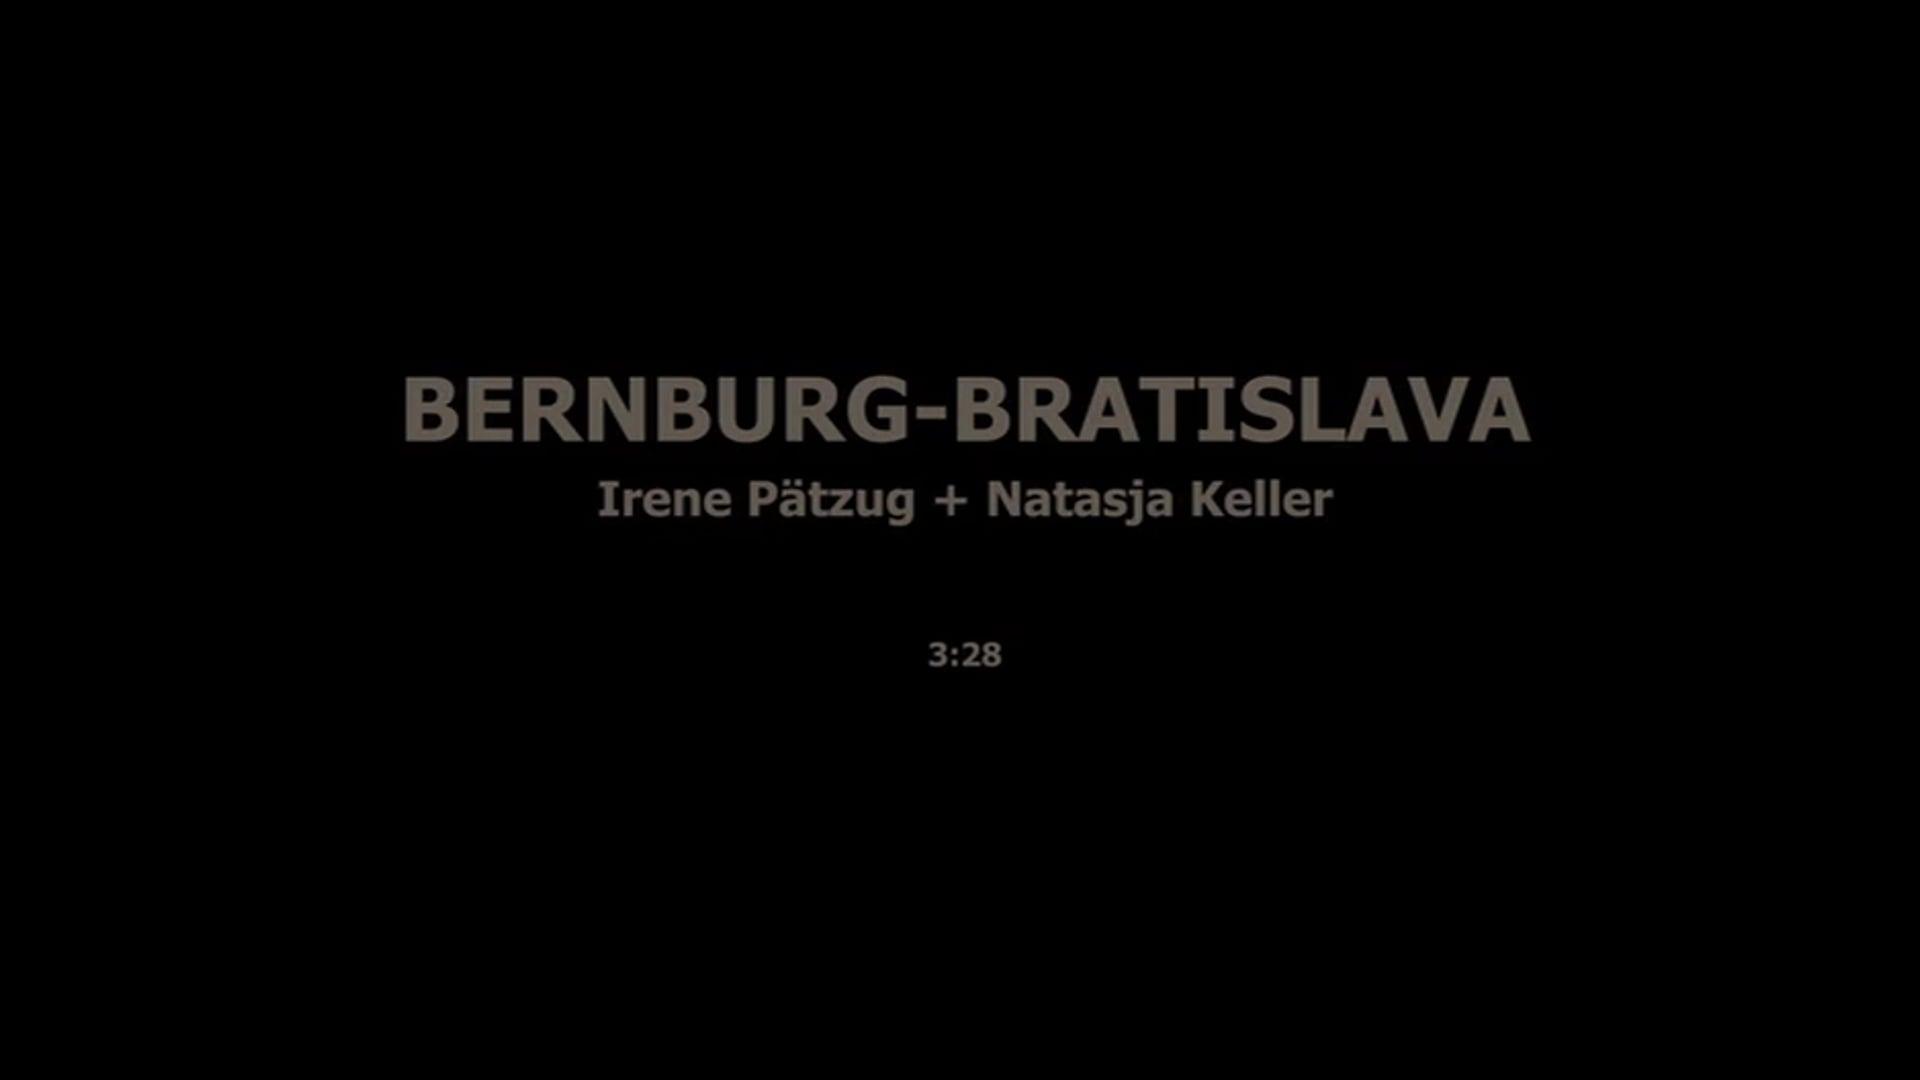 BERNBURG-BRATISLAVA - IRENE PÄTZUG, NATASJA KELLER